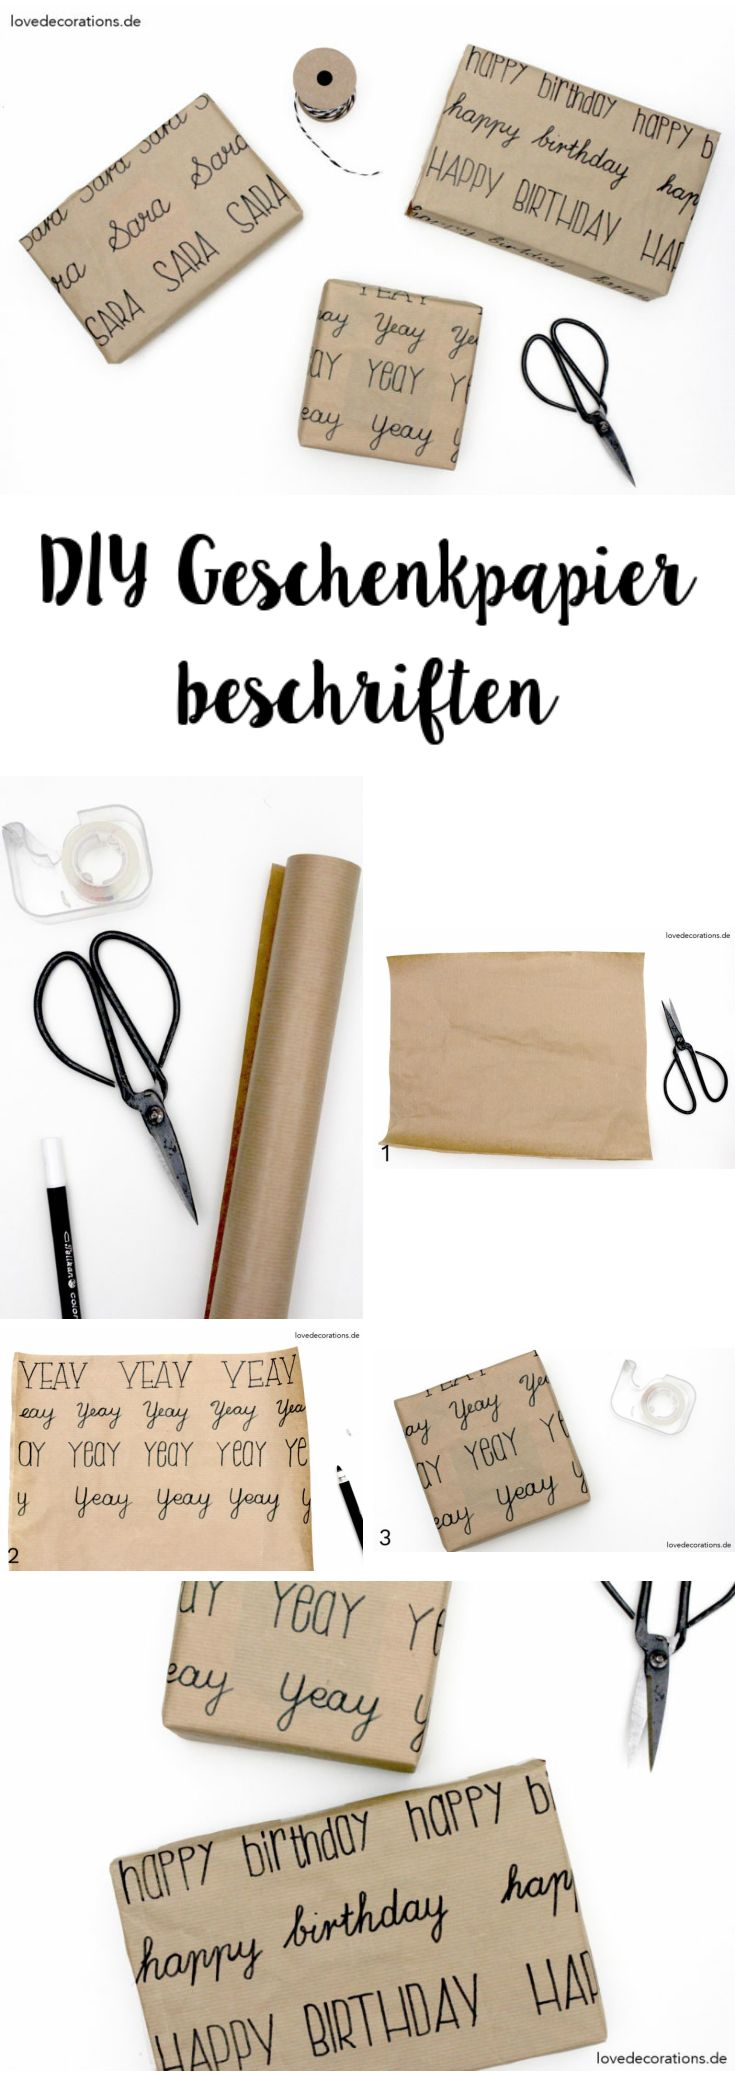 die besten 25 kreativ beschriften ideen auf pinterest seife etiketten seifenverpackung und. Black Bedroom Furniture Sets. Home Design Ideas